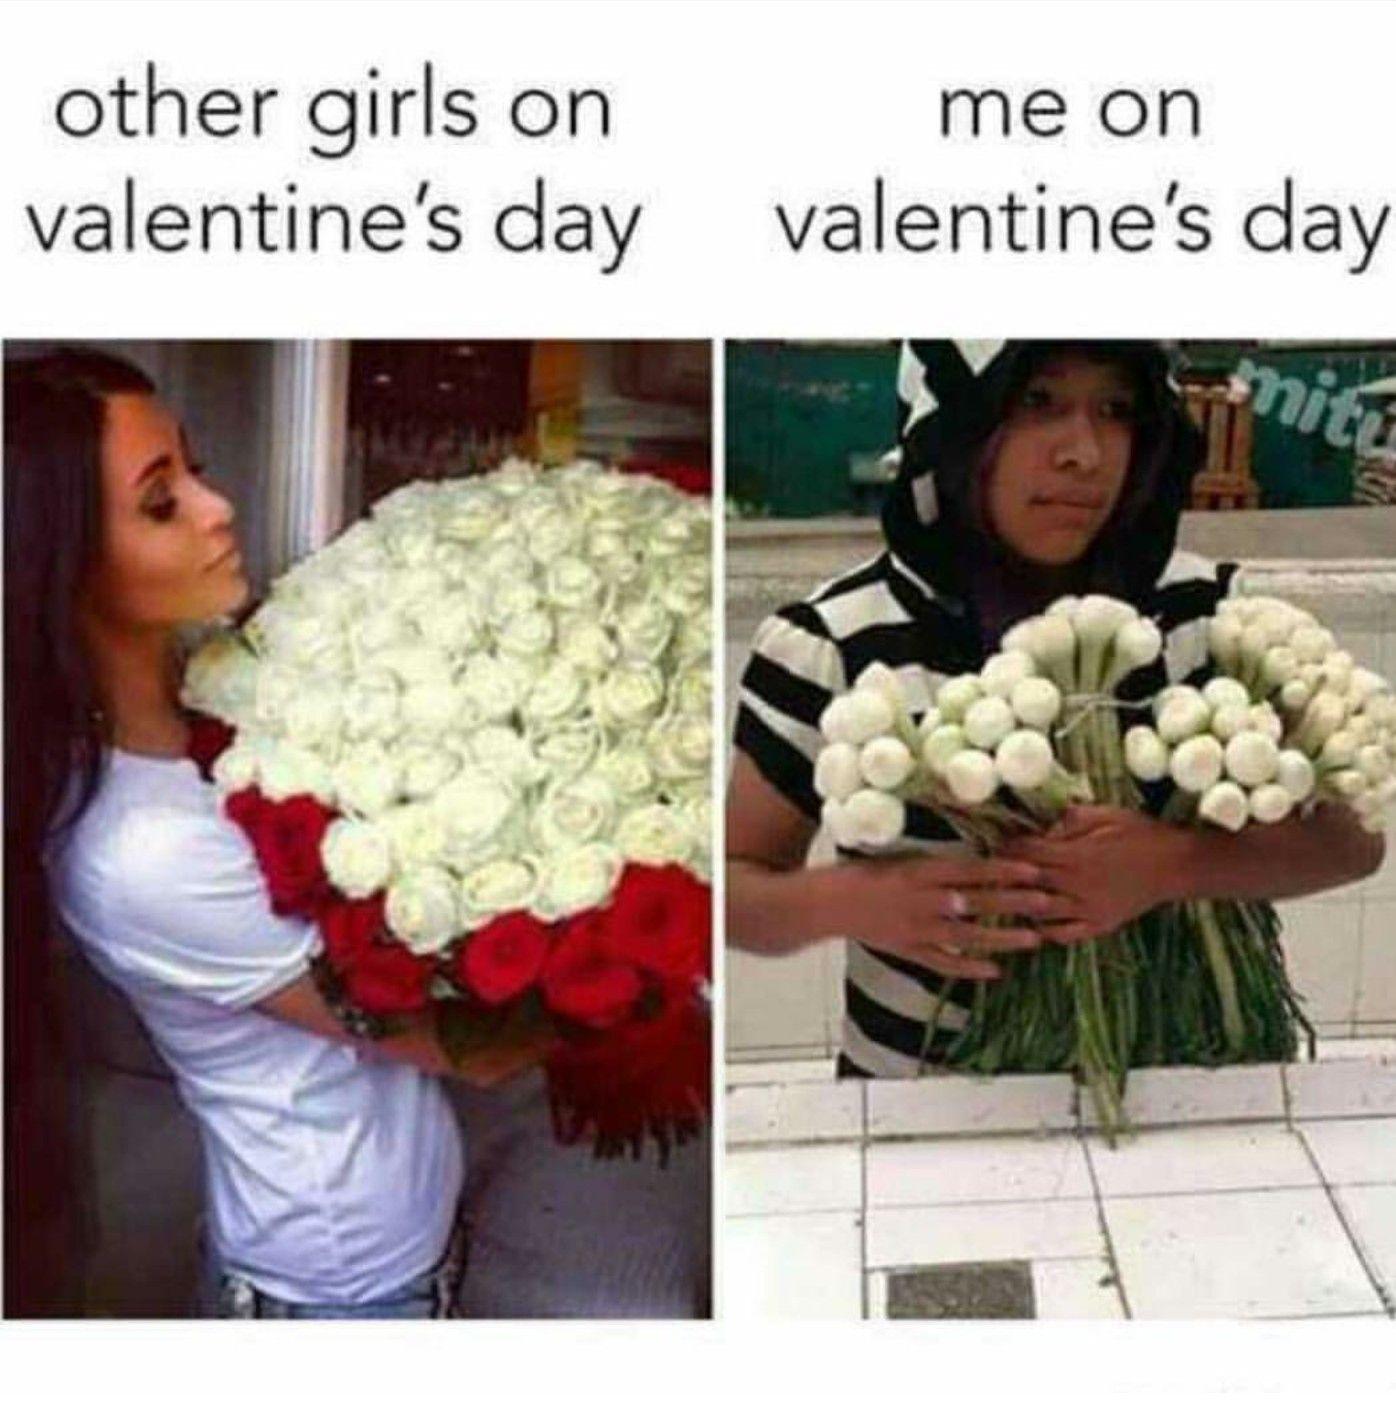 Pin By Mexashop1 On Puras Chingaderas Valentines Day Memes Me On Valentines Day Valentines